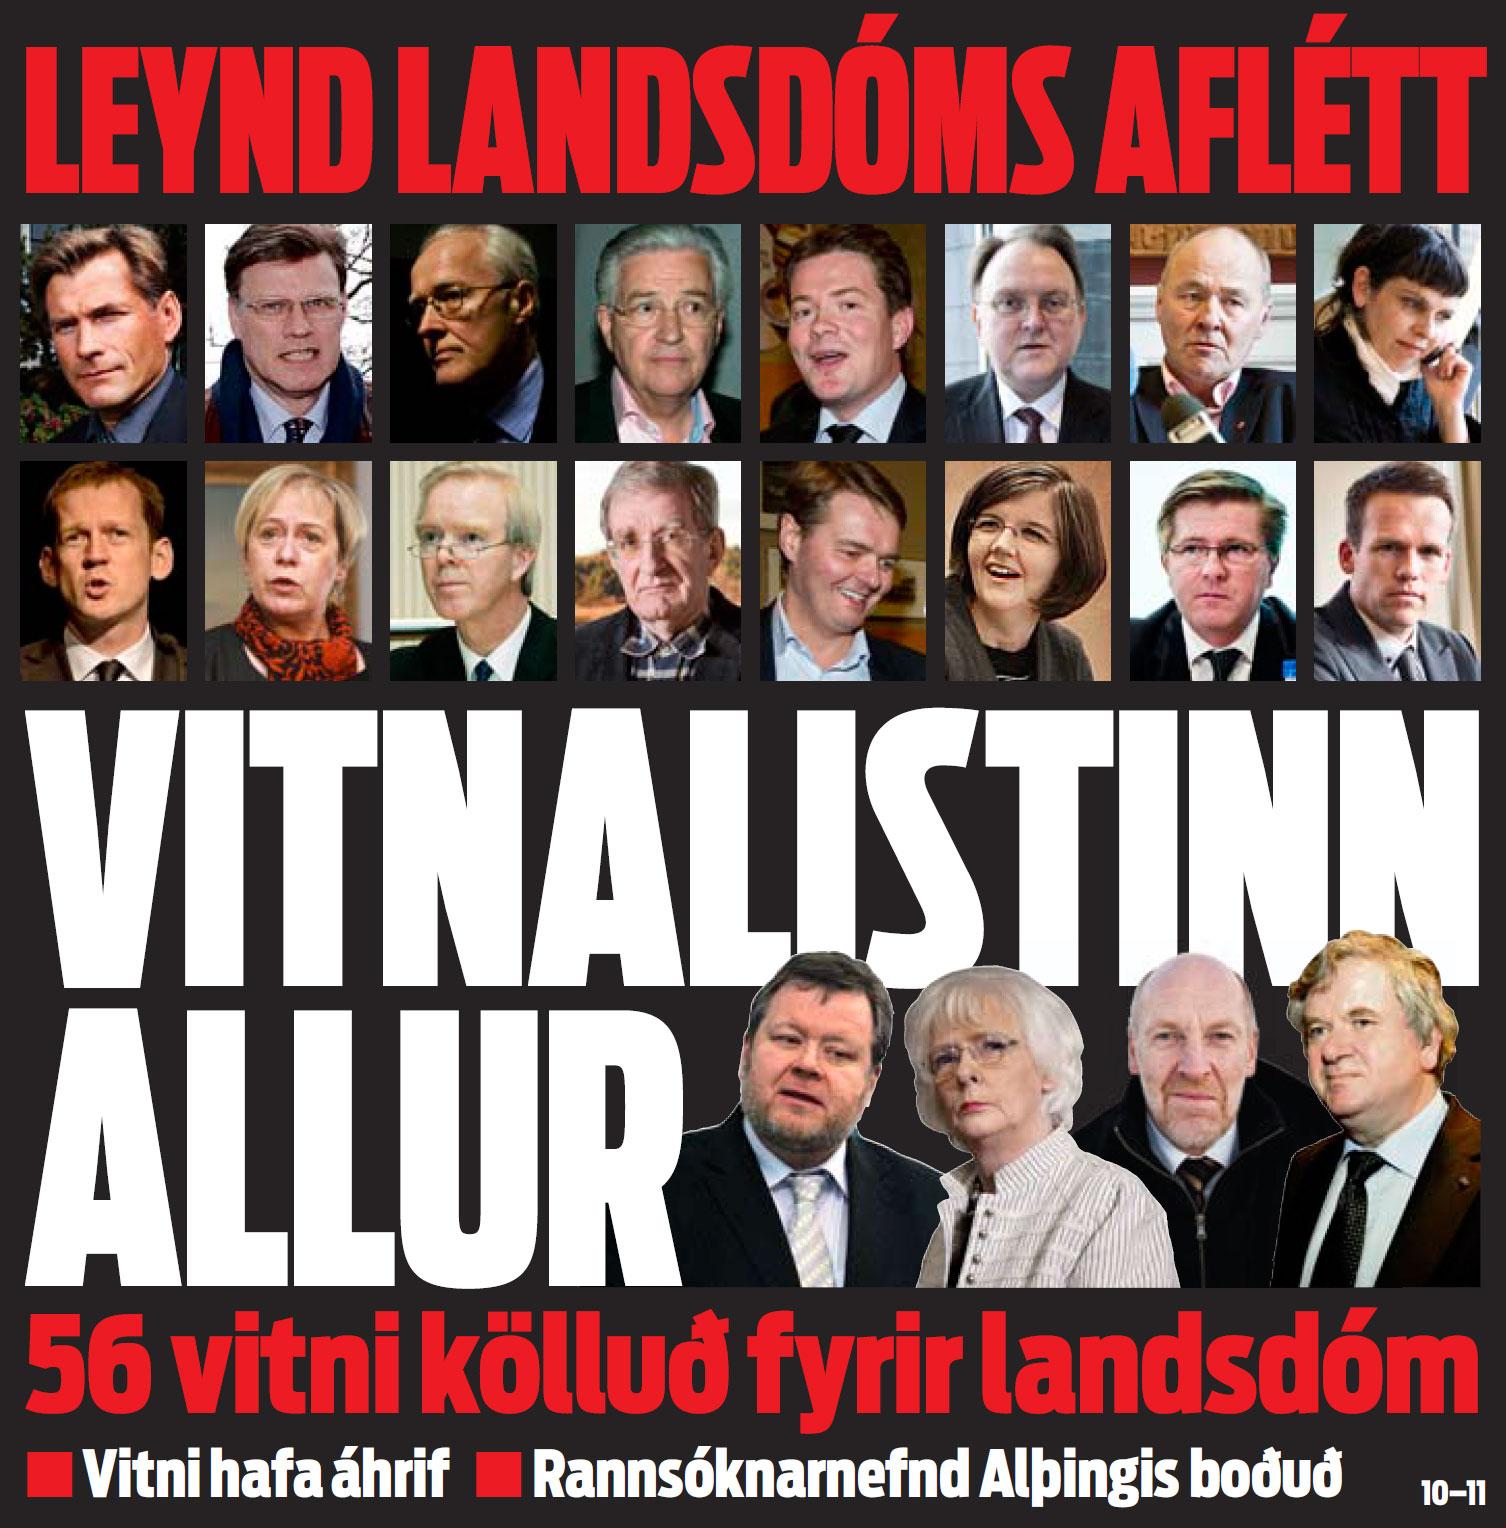 Vitnalisti Landsdóms - Forsíða DV 30. janúar 2012